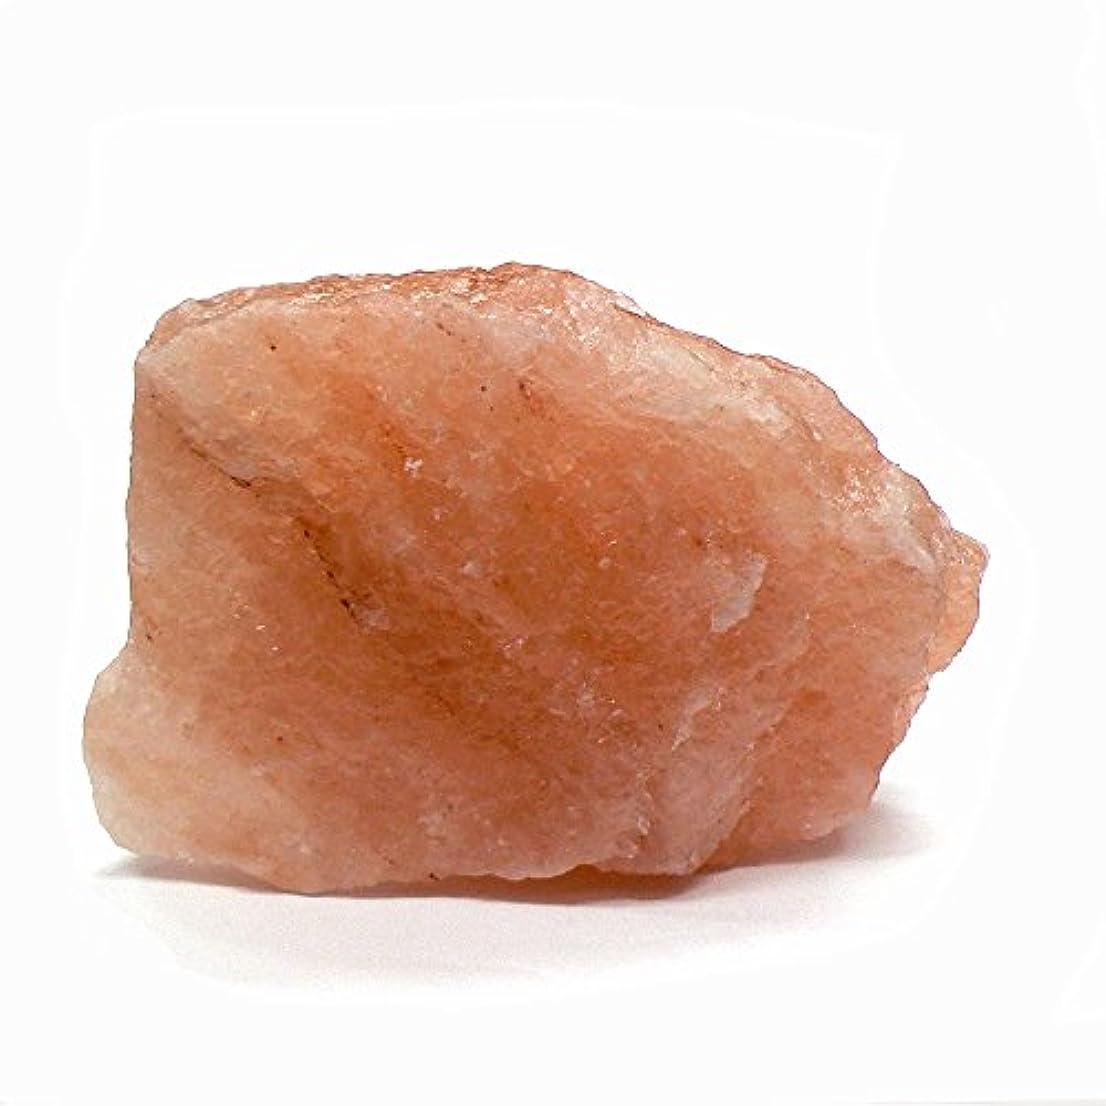 チューインガム縞模様のモスクヒマラヤ岩塩 ピンク岩塩 ピンクソルト 塊り(洗浄済)55 岩塩塊